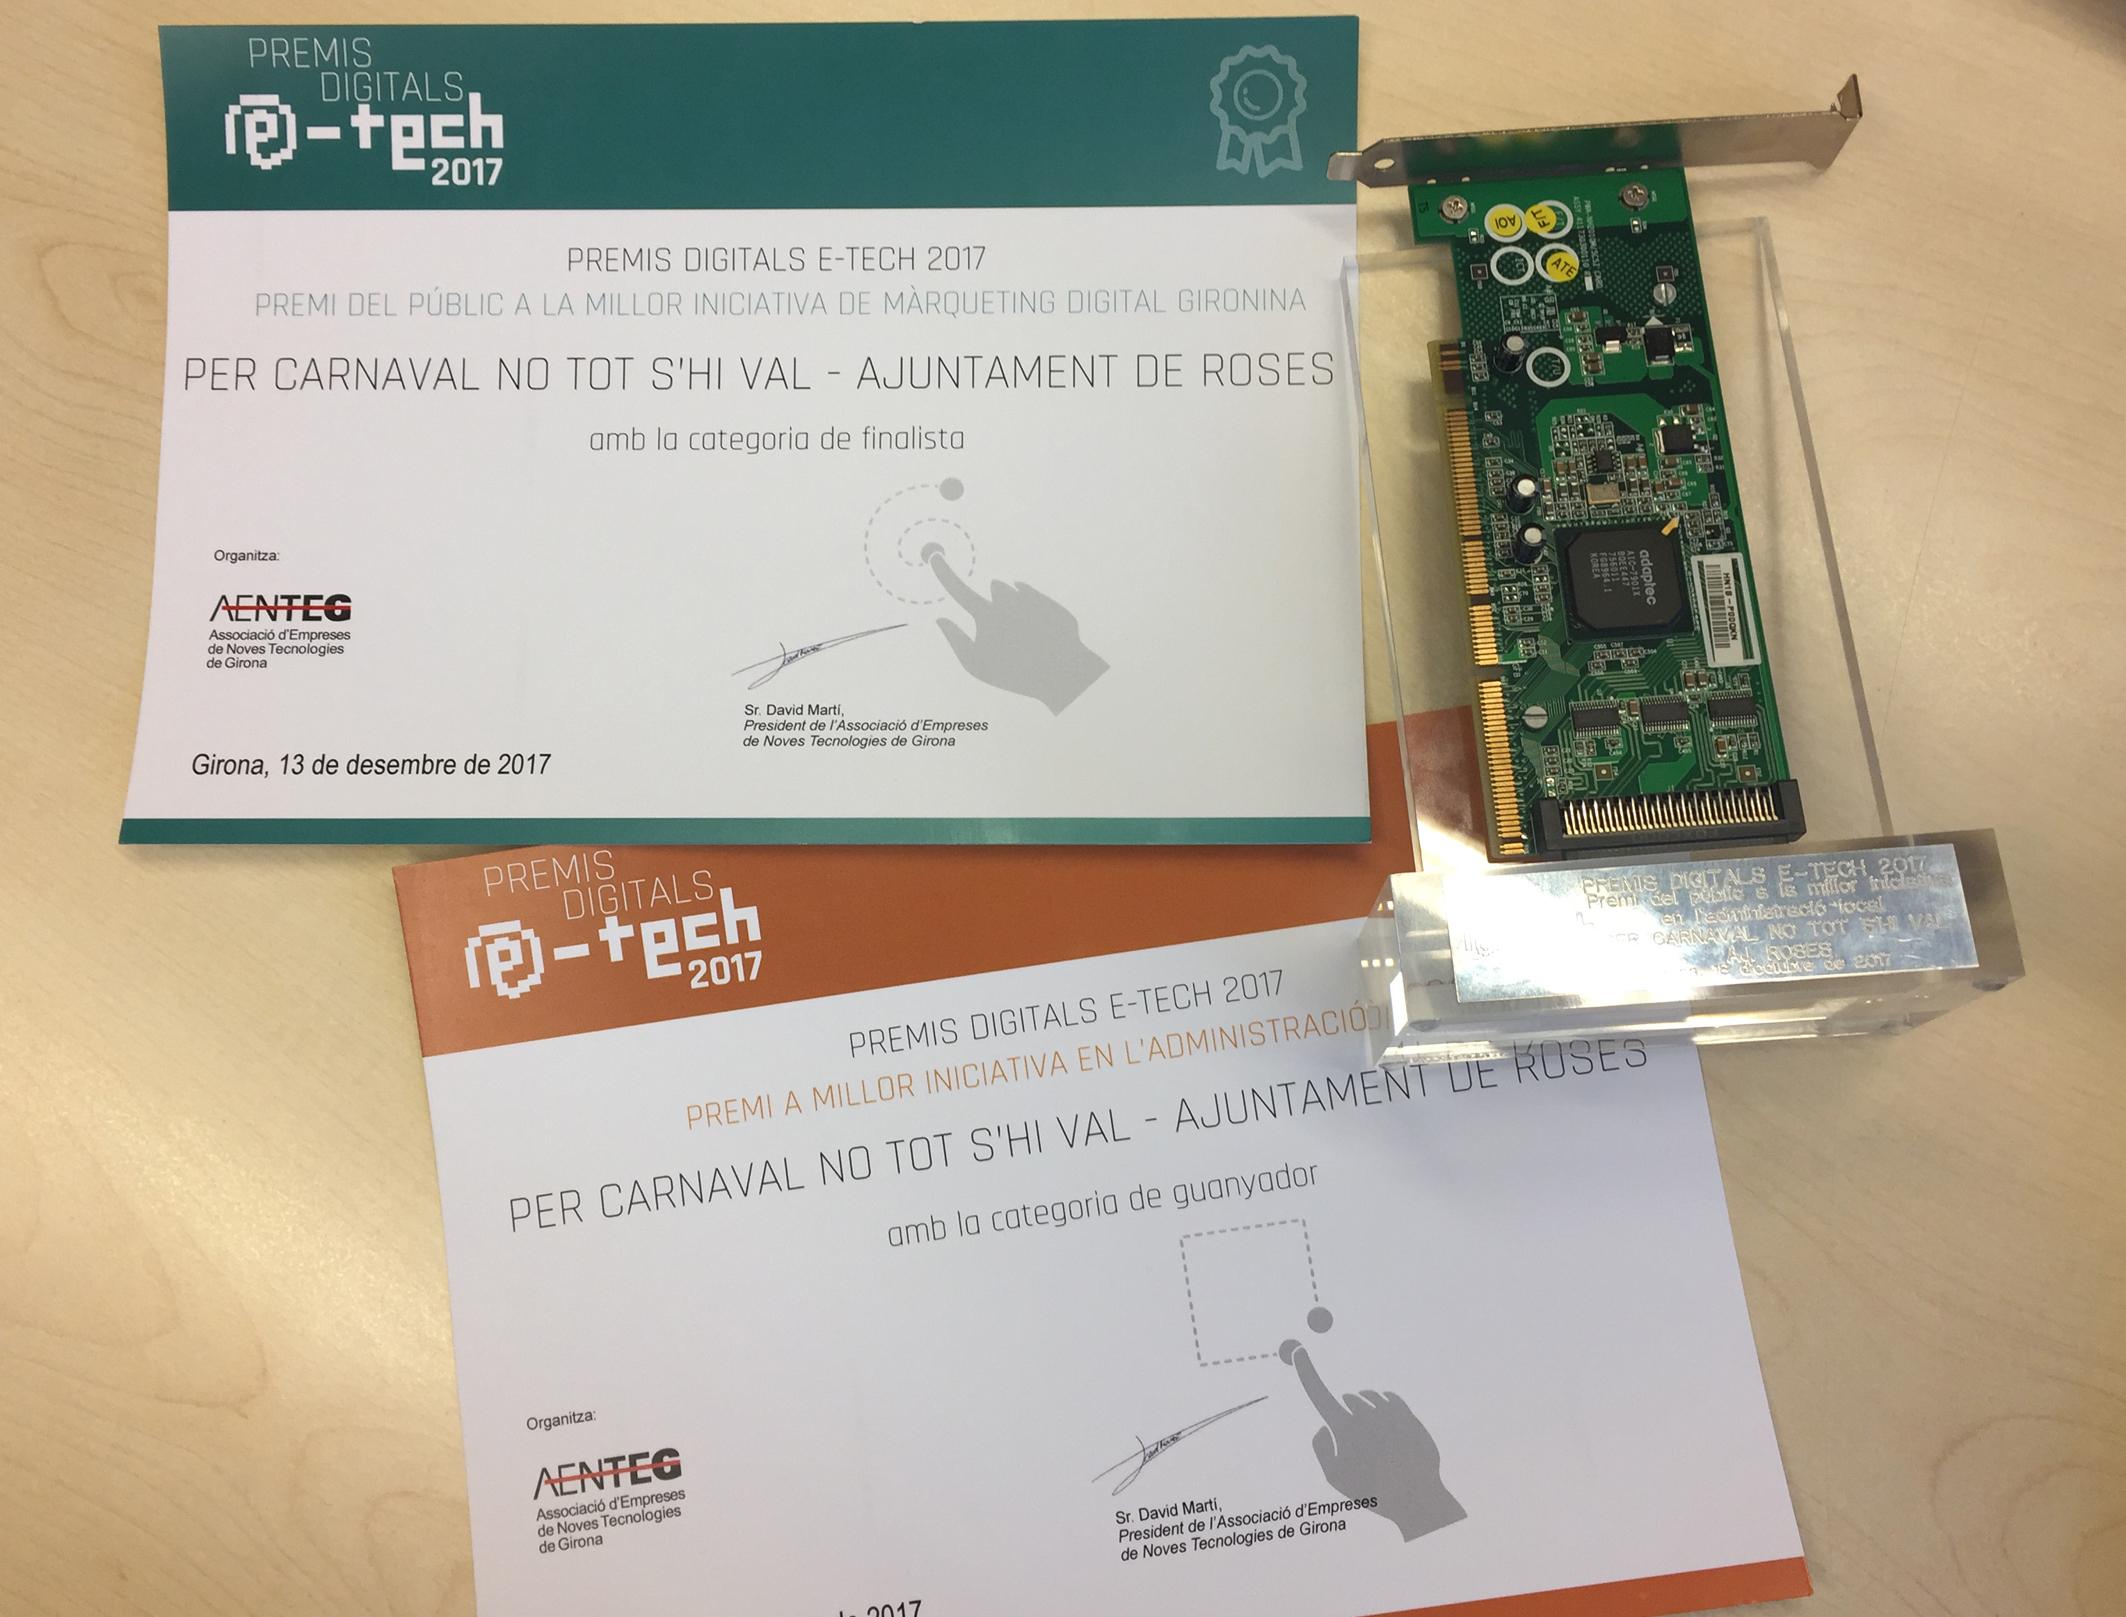 """La campanya """"Per Carnaval No Tot s'hi Val"""" guanya dos premis digitals E-TECH 2017"""